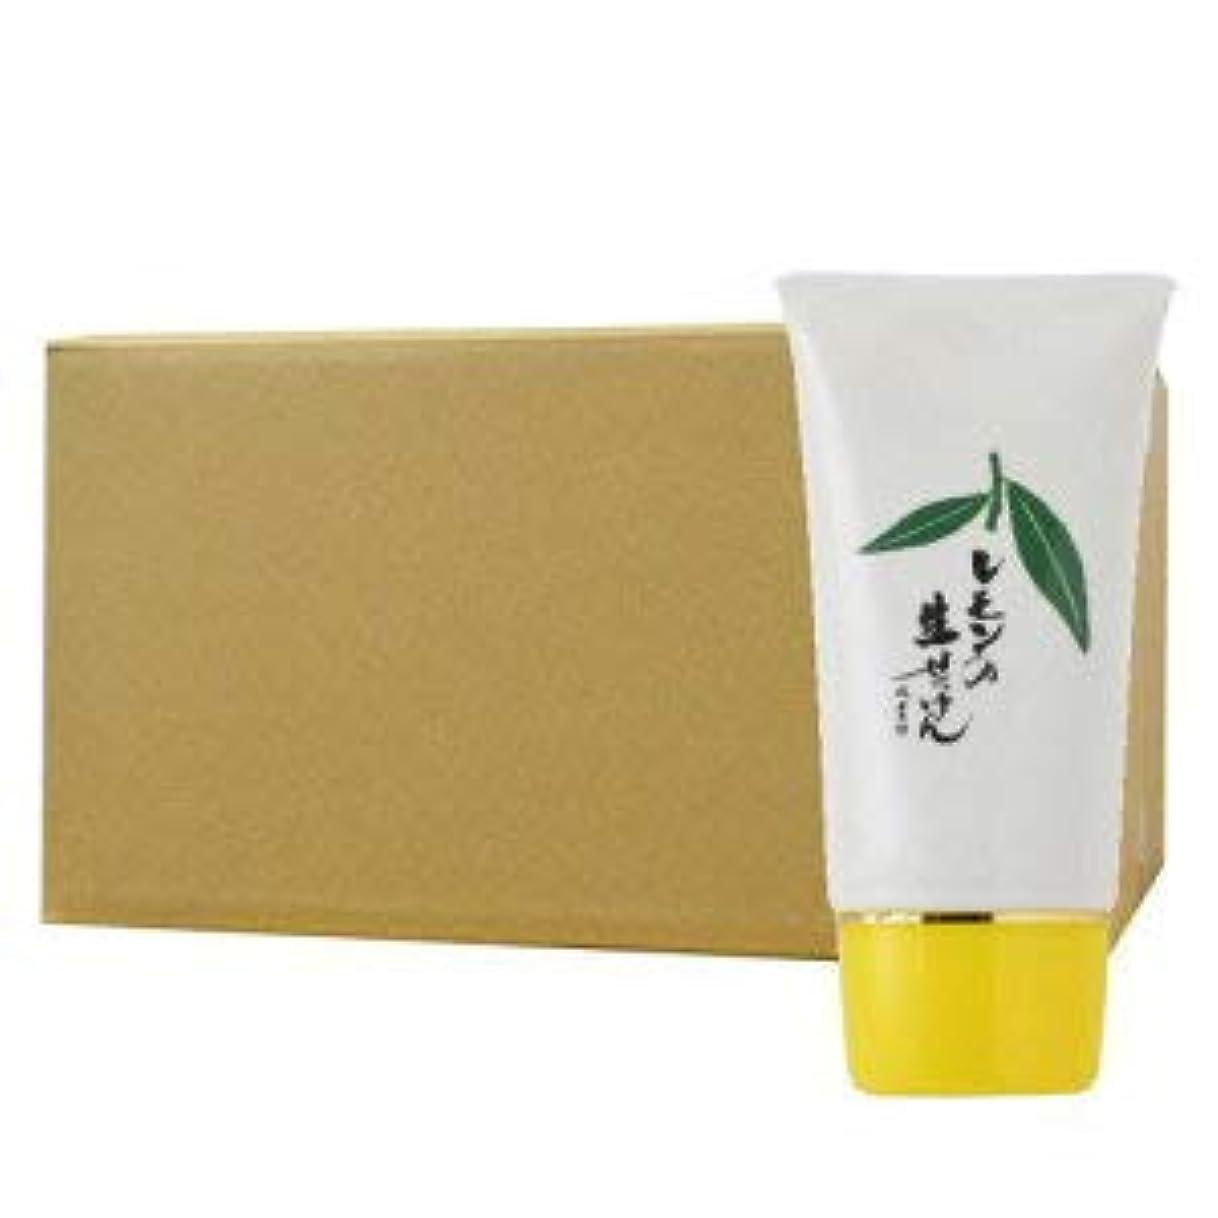 黒人チューインガム無数のUYEKI美香柑レモンの生せっけん70g×60個セット